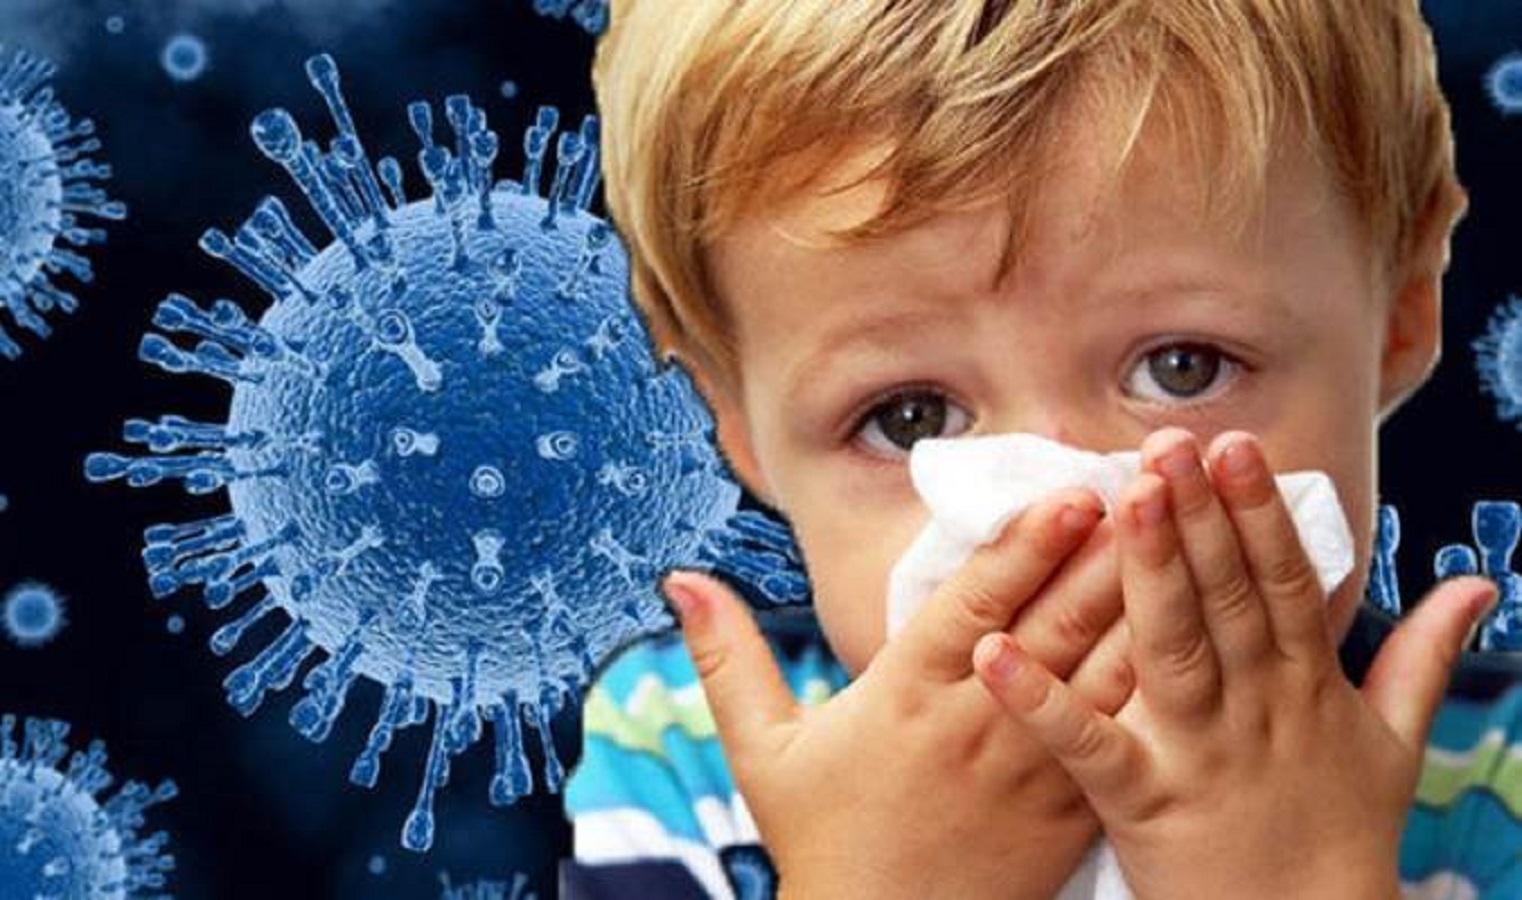 اولین نشانه کووید-۱۹ در کودکان چیست؟